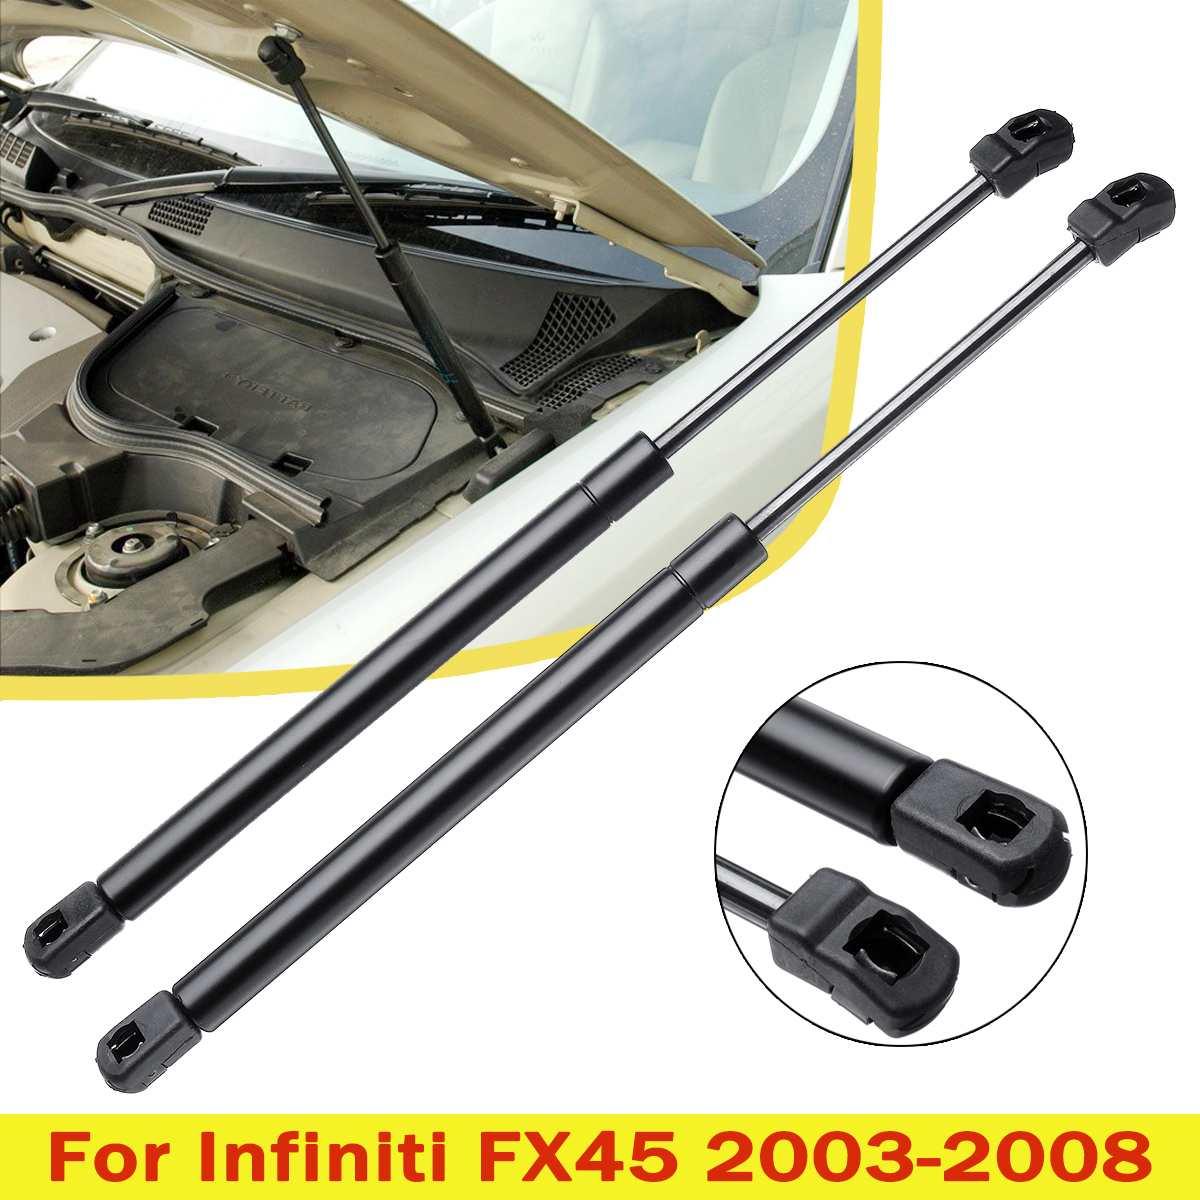 2X Vorne Motor Abdeckung Bonnet Hood Shock Lift Streben Bar Unterstützung Arm Gas Hydraulische SG371003 Für Infiniti FX35 FX45 2003 -2008